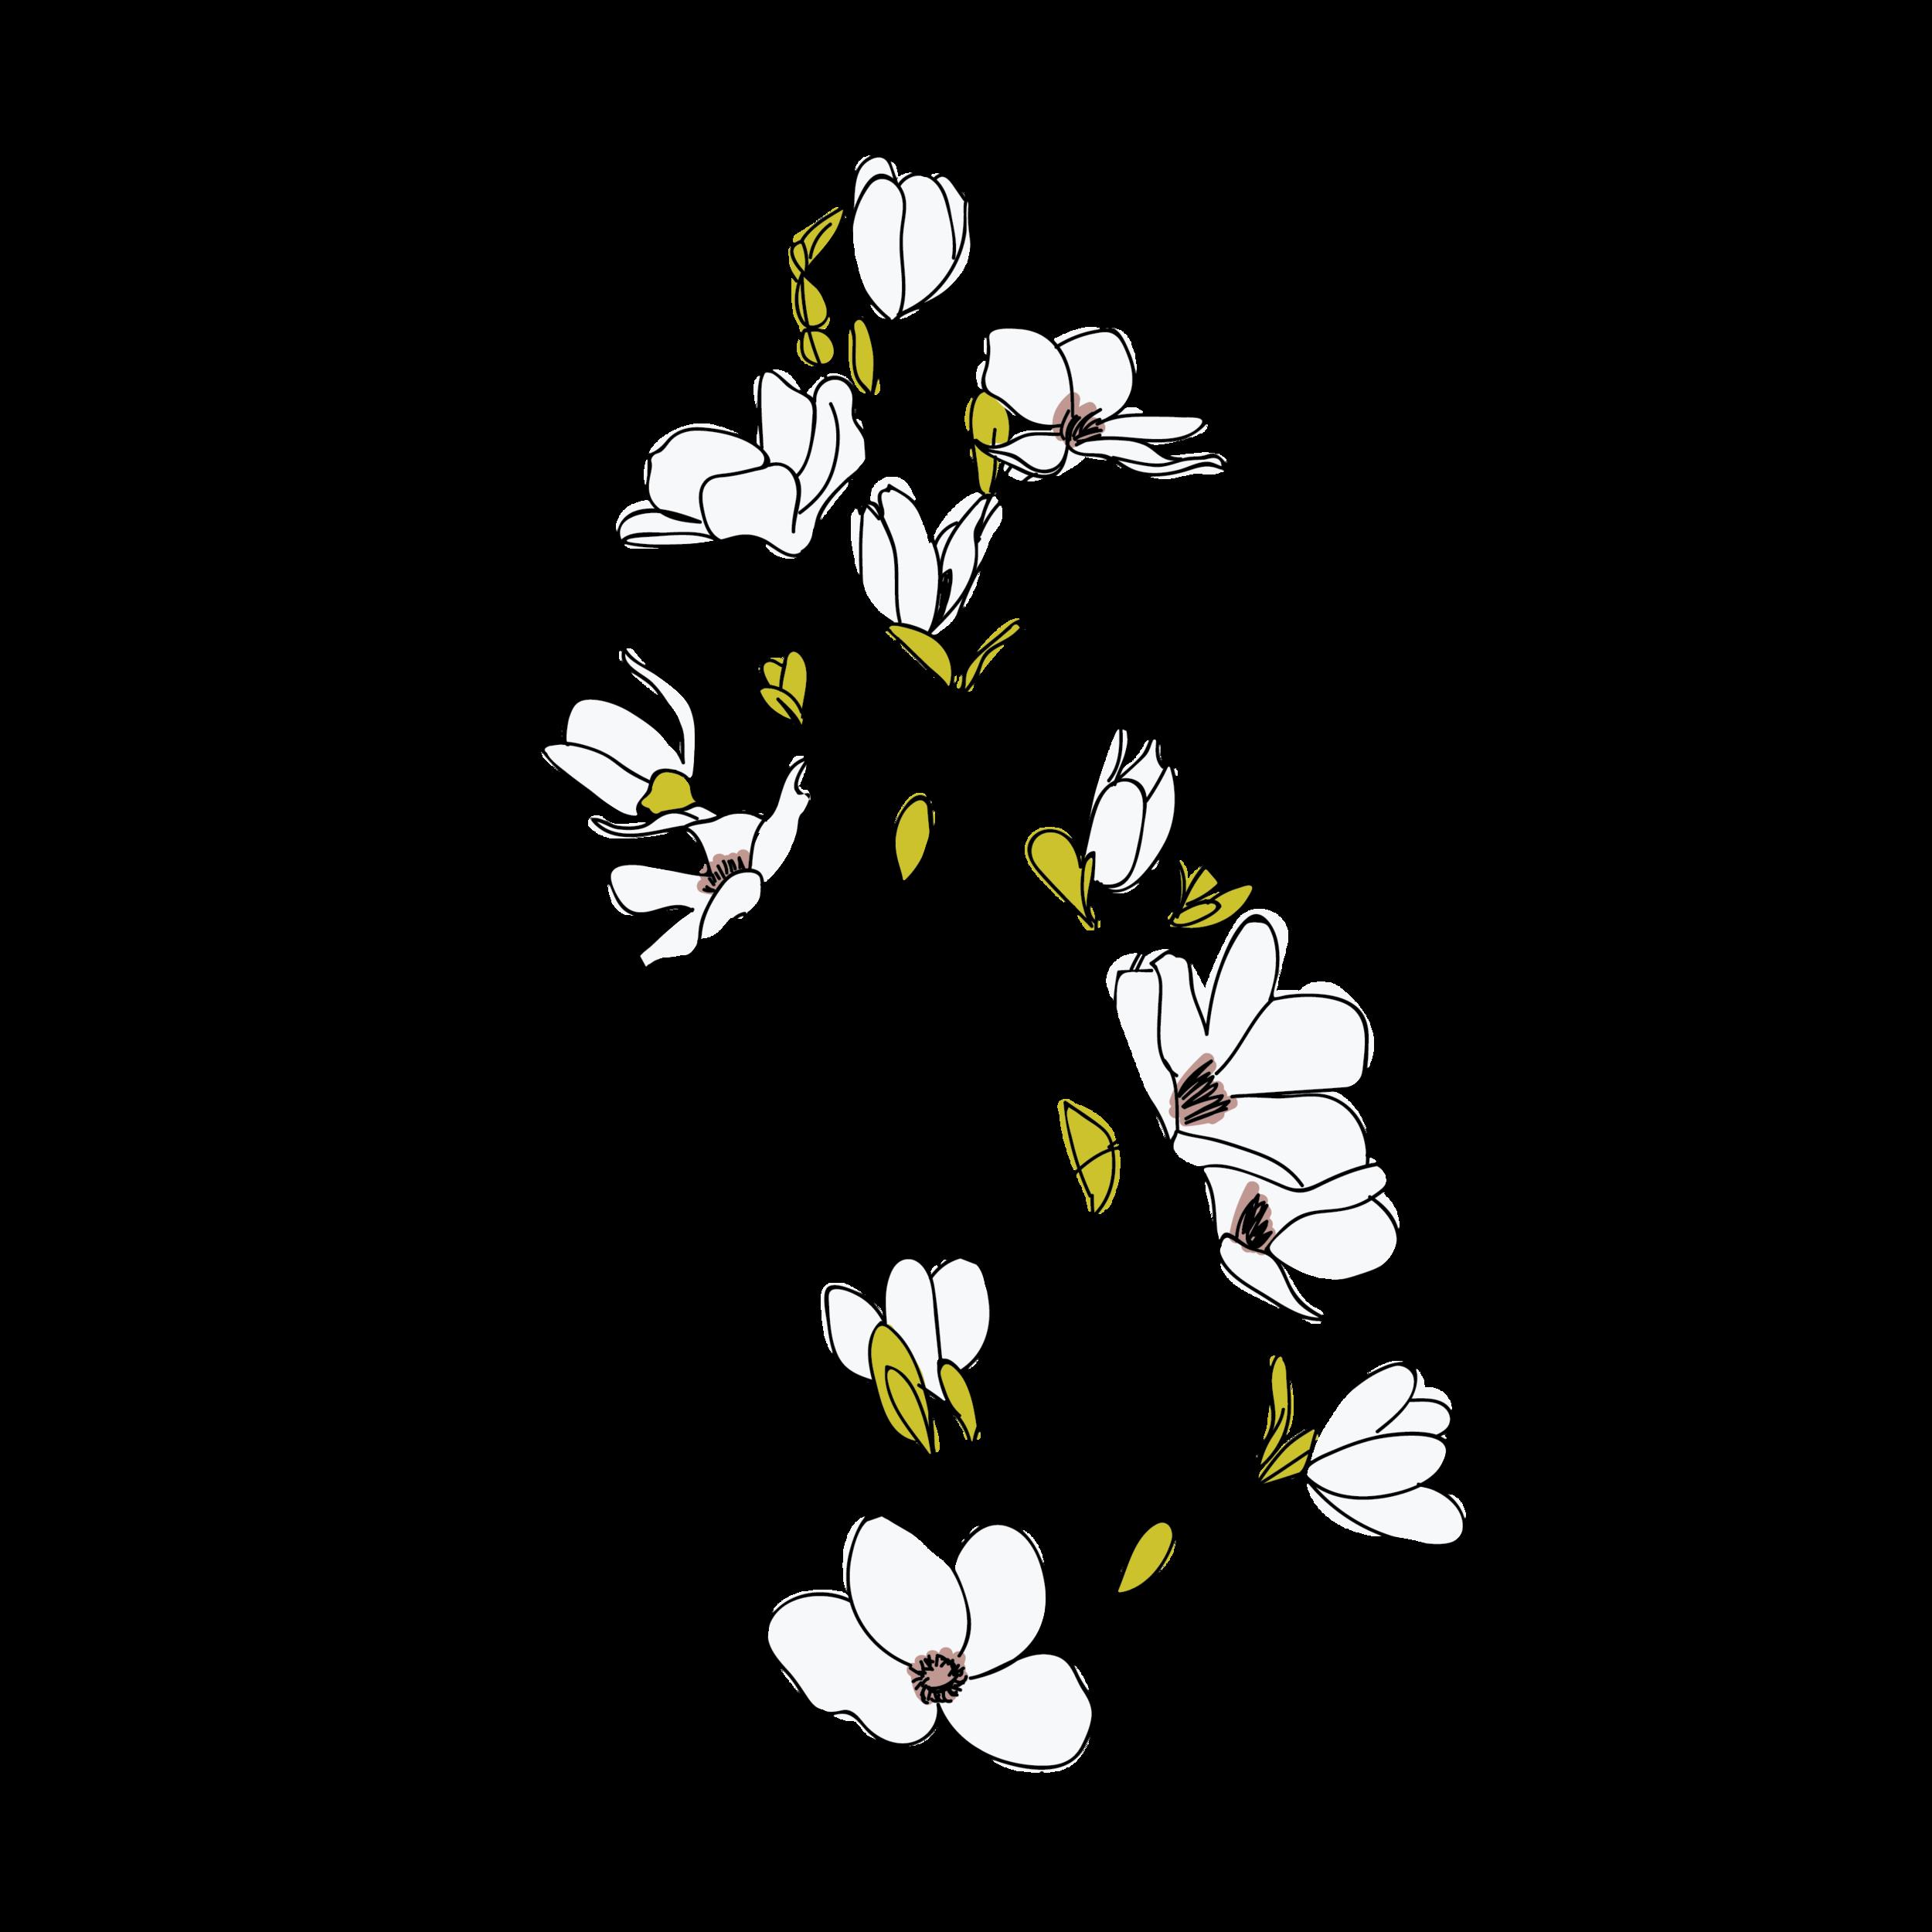 Magnolia-13.png